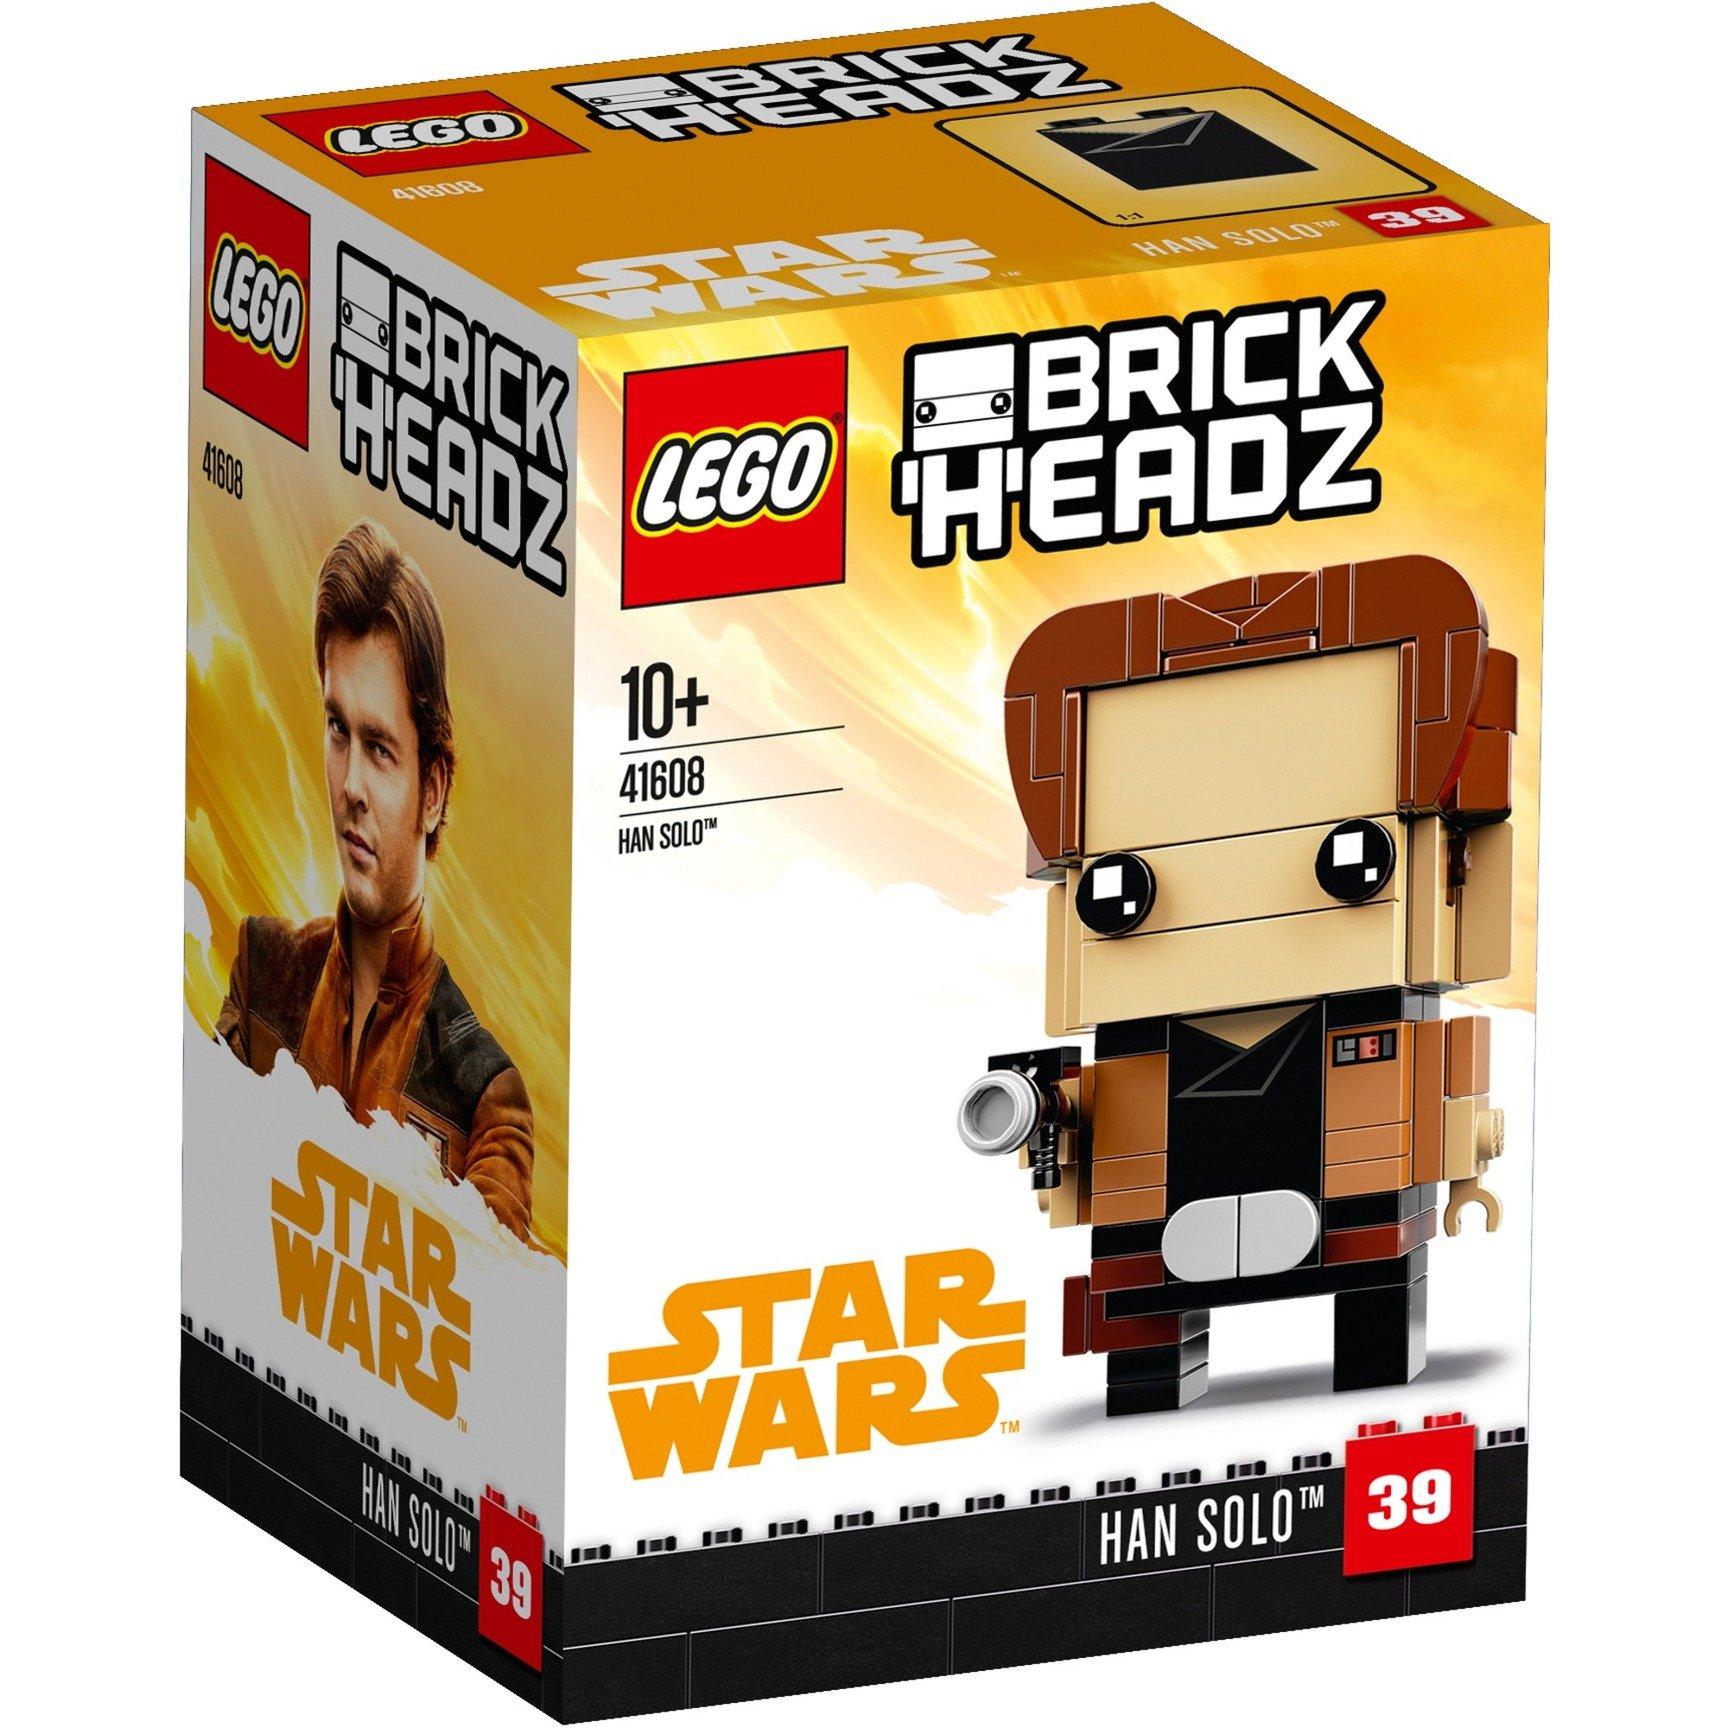 Brick Headz 41608 Han Solo, Juegos de construcción